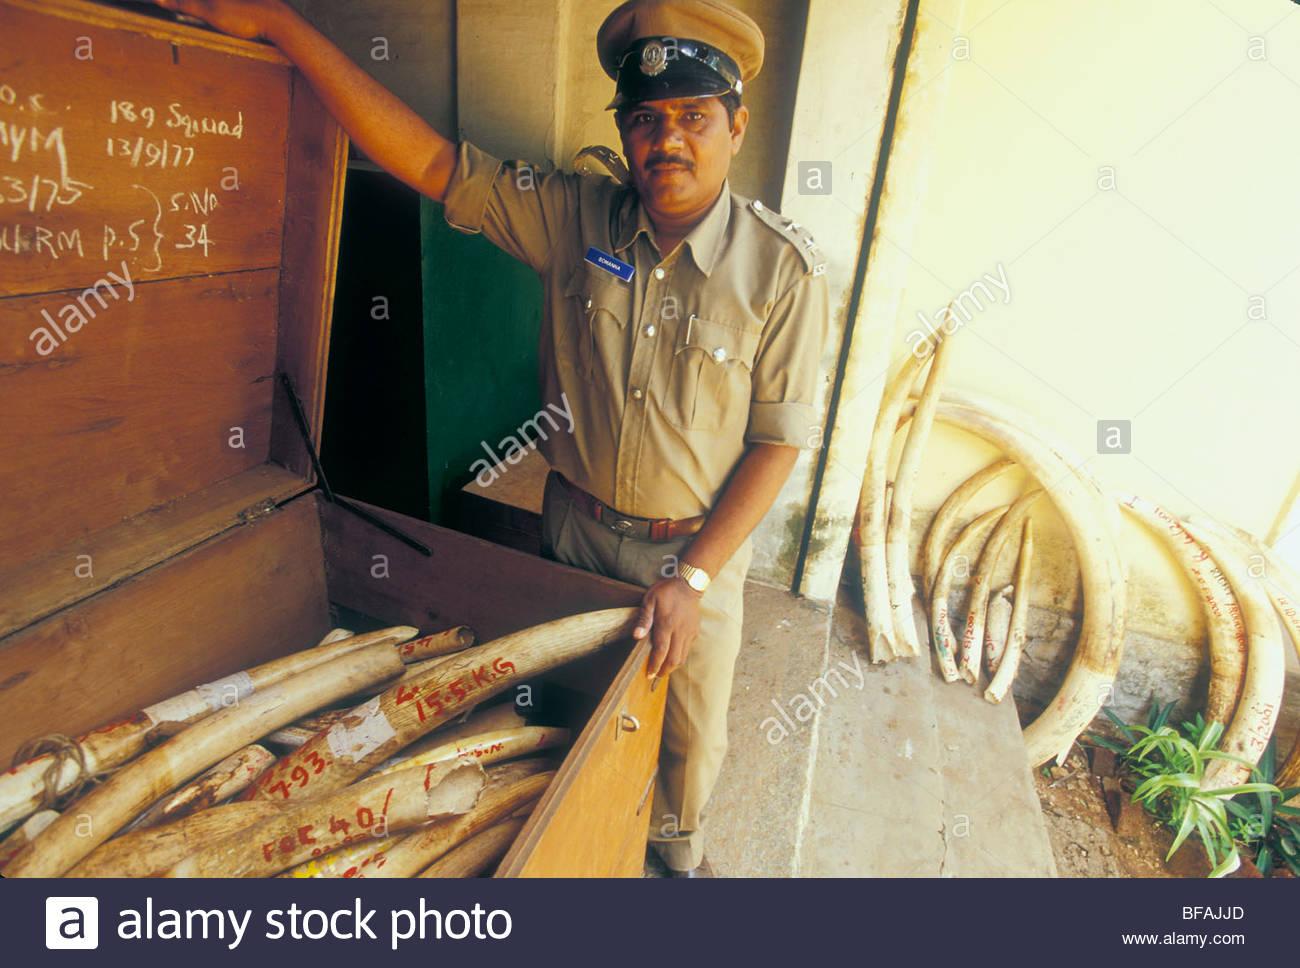 Asiatic elephant ivory in government storage, Bangalore, Karnataka, India - Stock Image